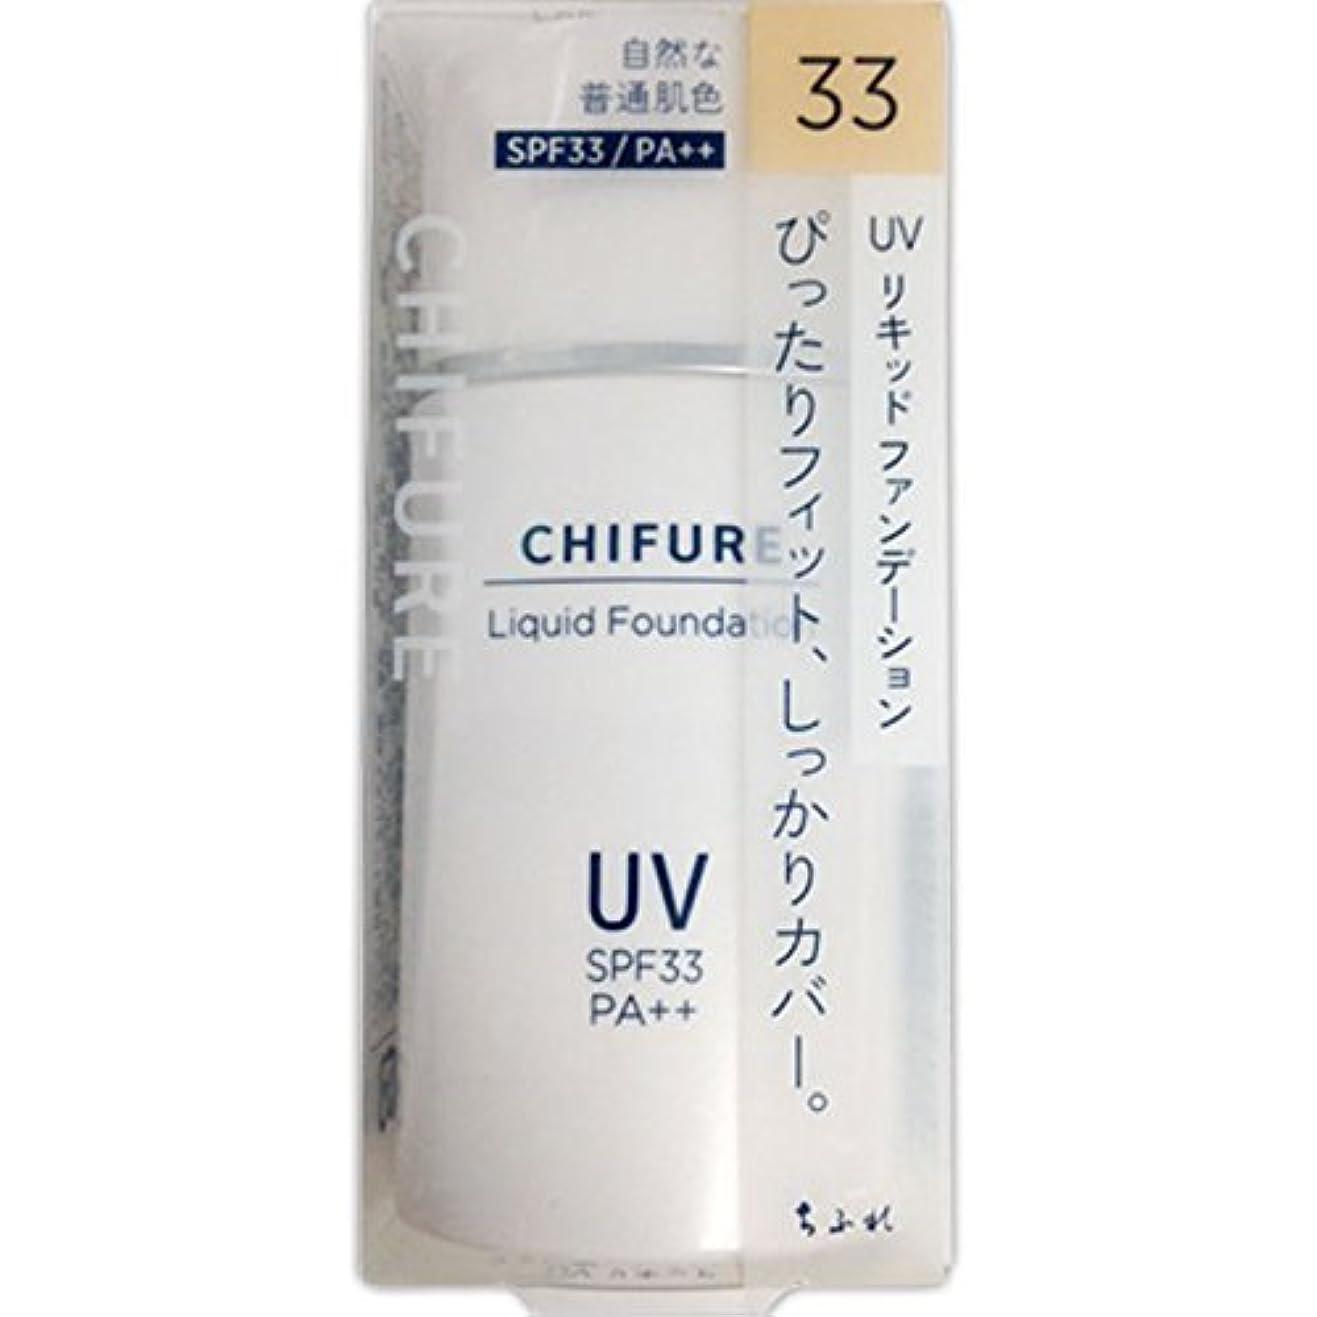 歯あいさつ掘るちふれ化粧品 UV リキッド ファンデーション 33 自然な普通肌色 30ML